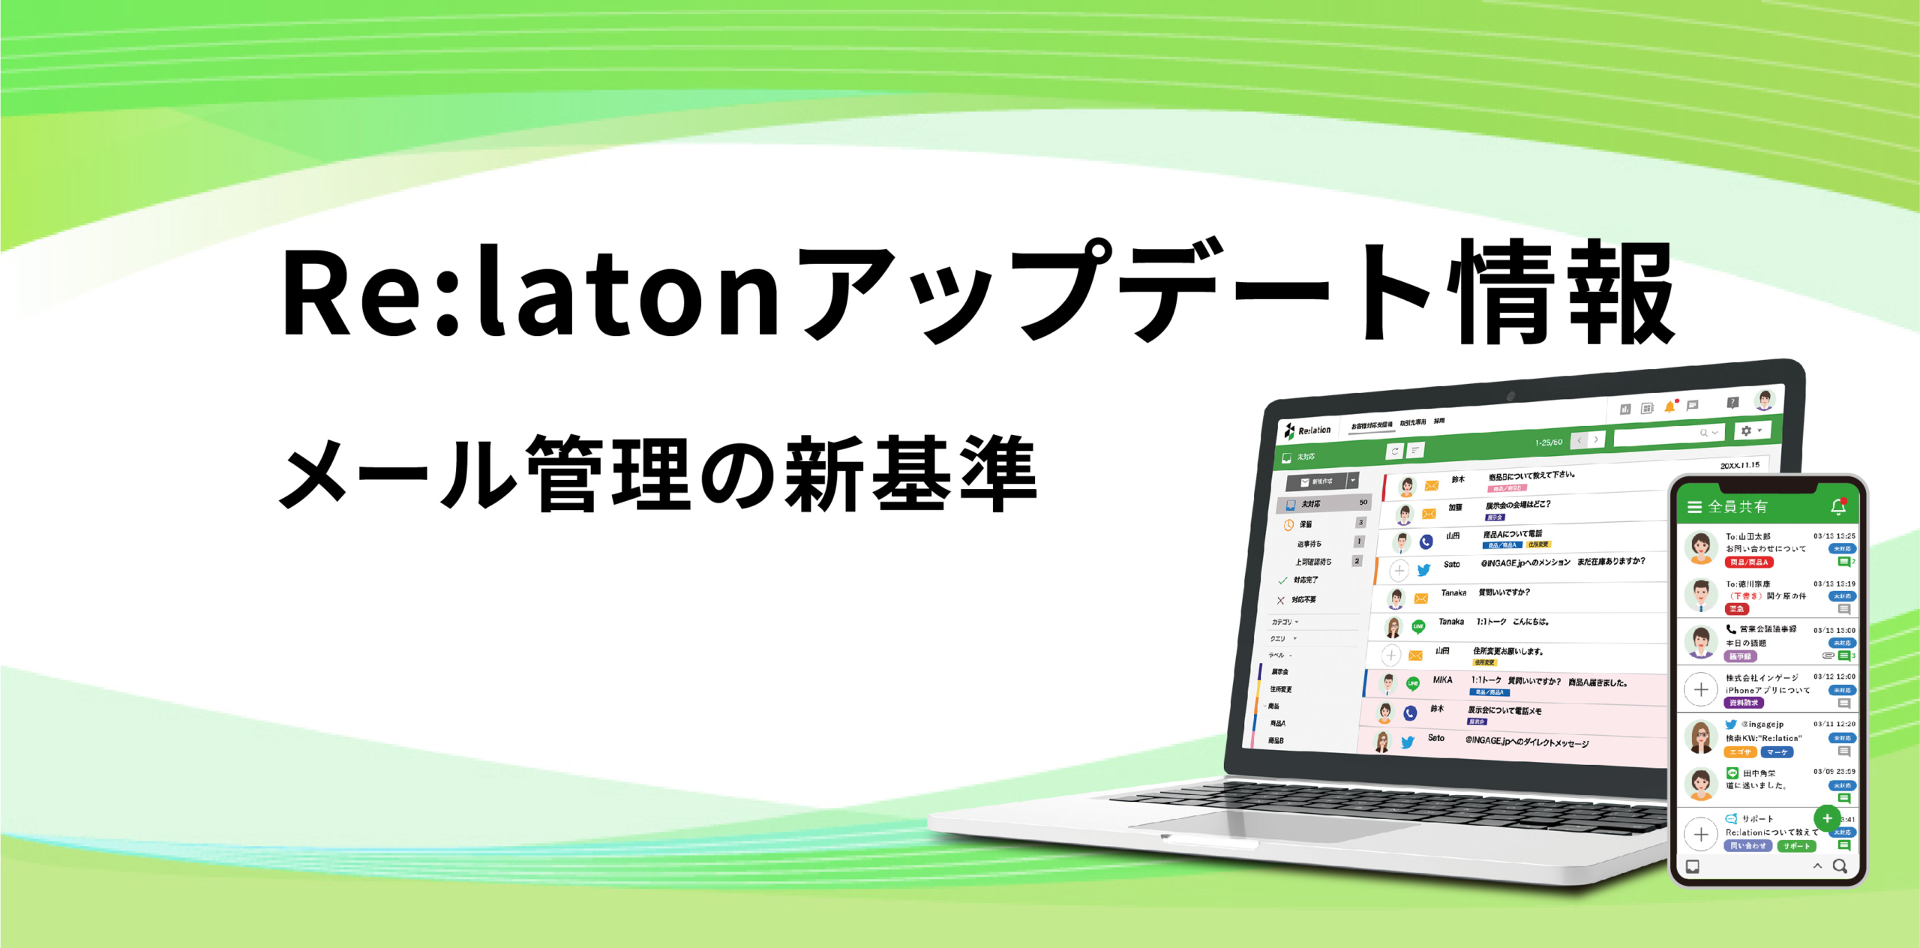 テレワーク時代のメール管理「Re:lation(リレーション)」11/26アップデート